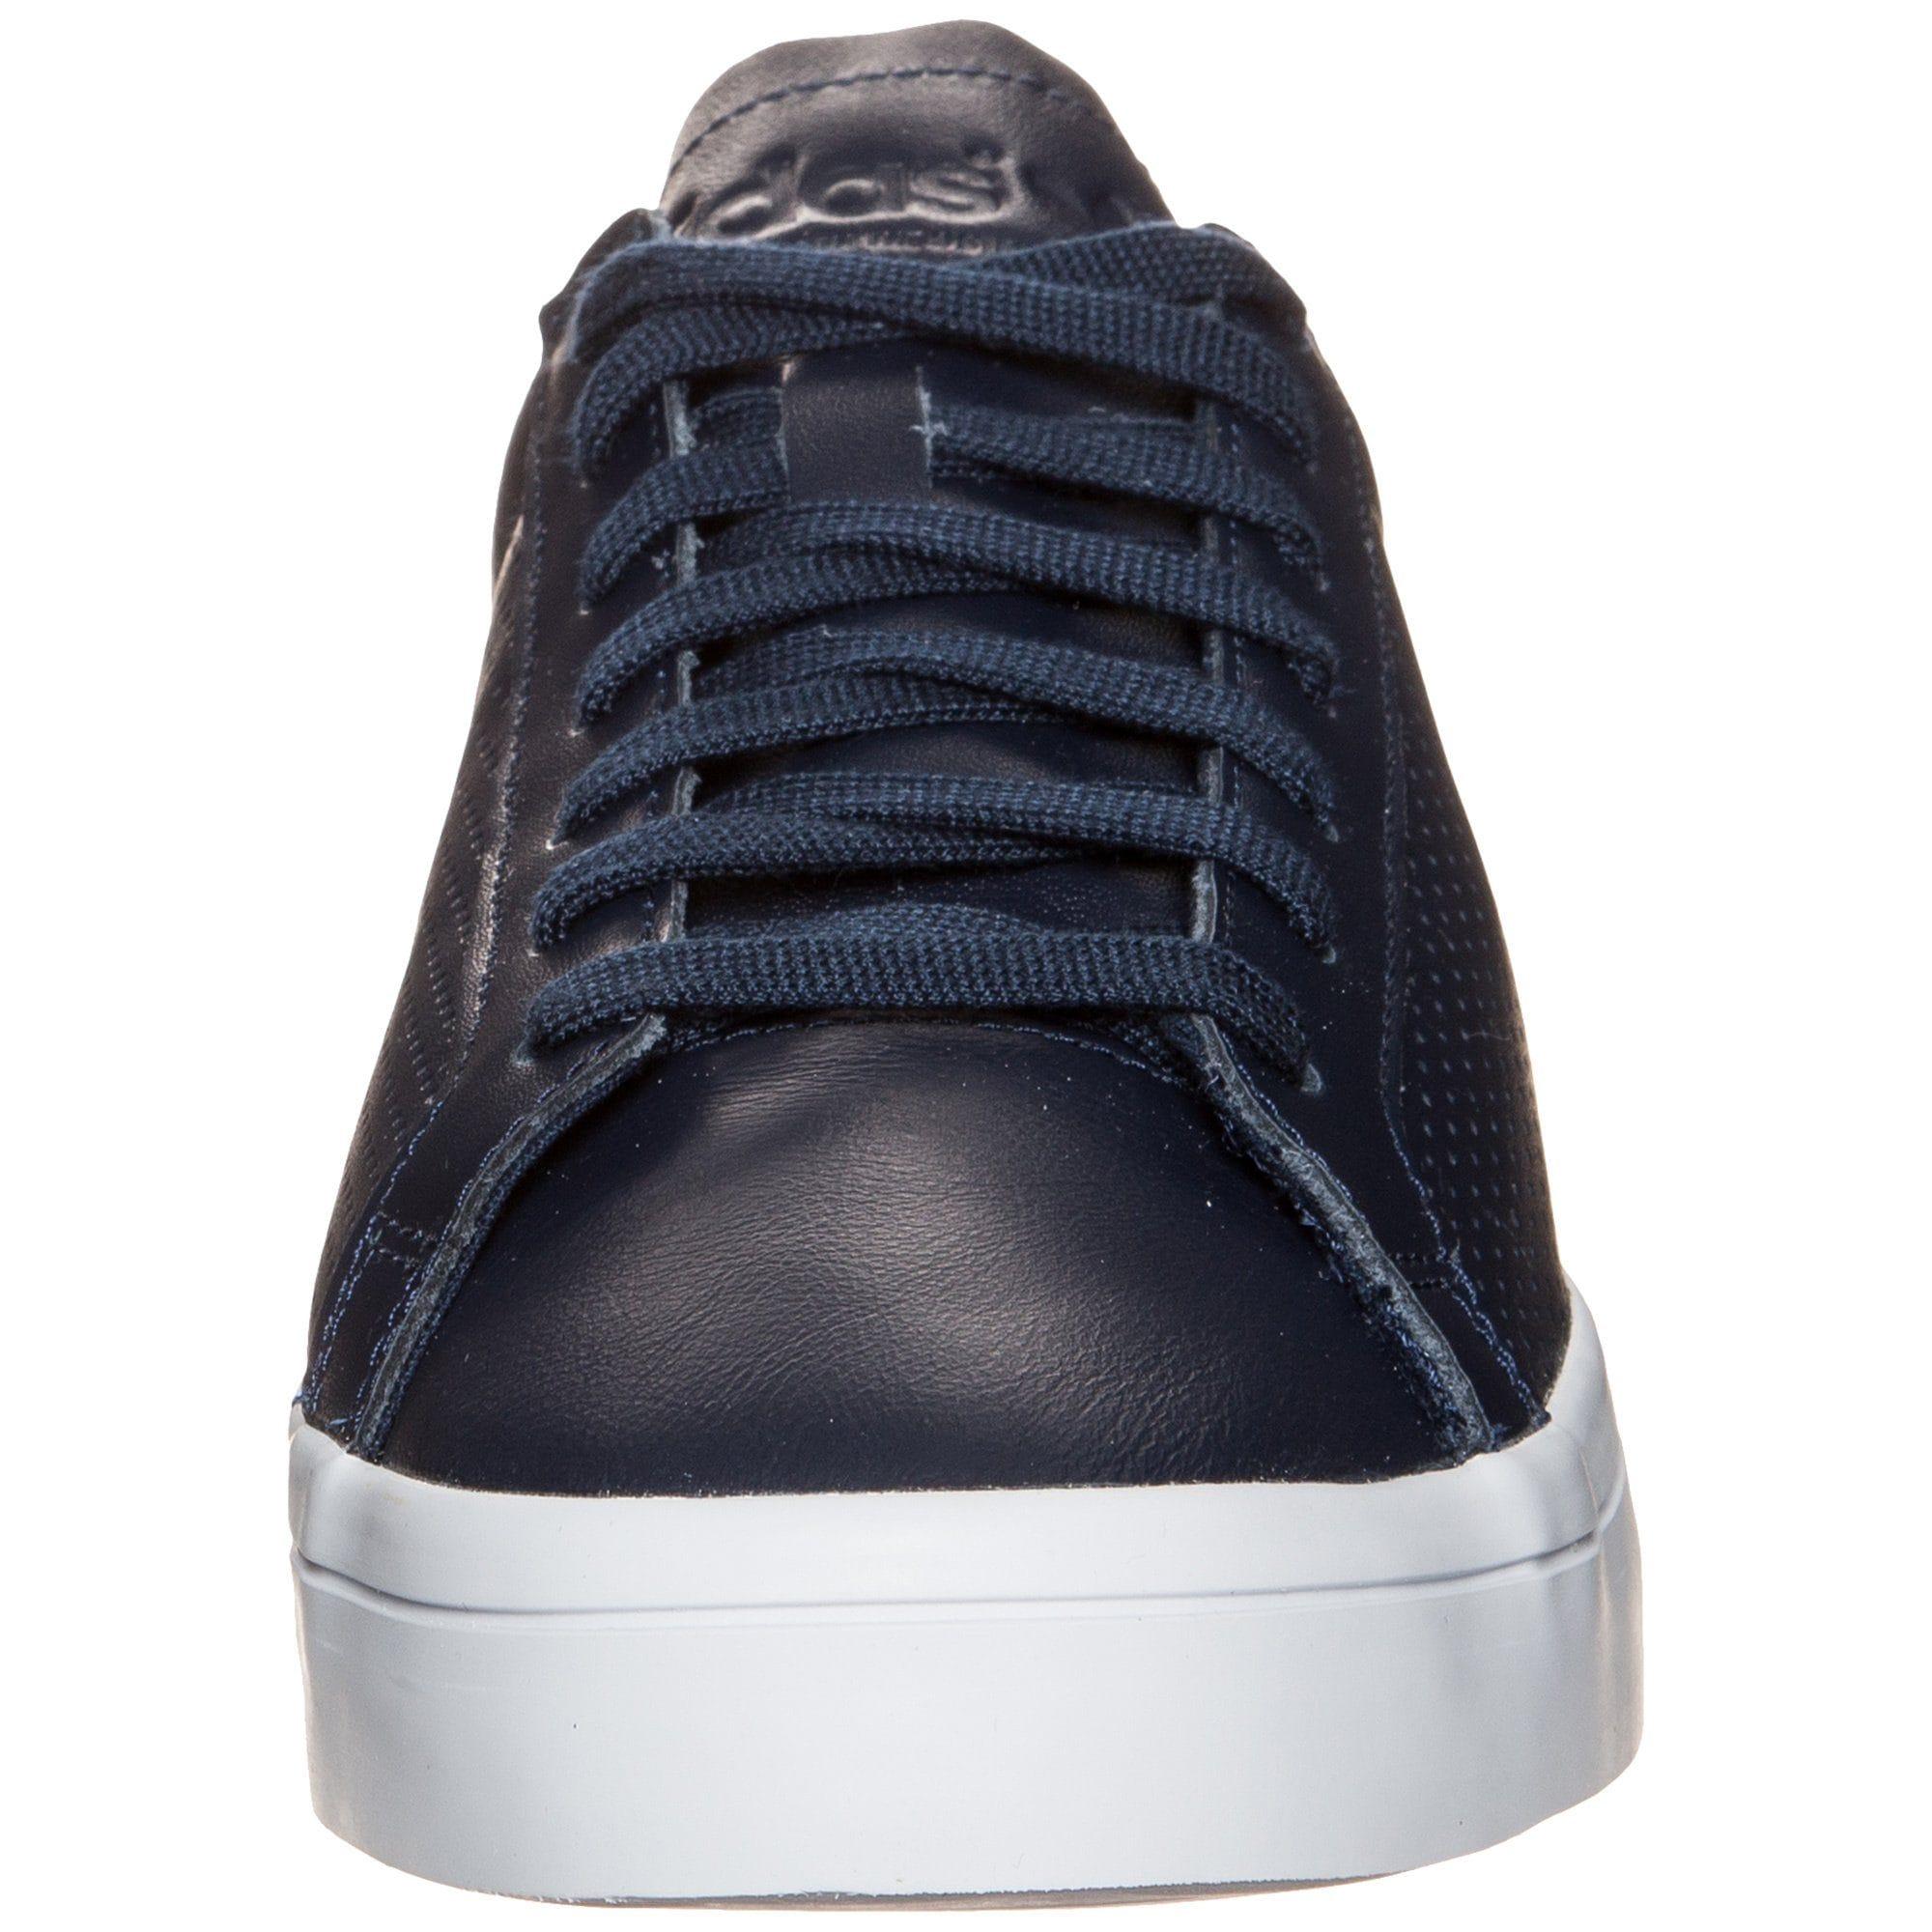 ... Adidas Originals CourtVantage Sneaker Herren per Rechnung   sich Gutes  Preis-Leistungs-Verhältnis, ... ab7f555c4c